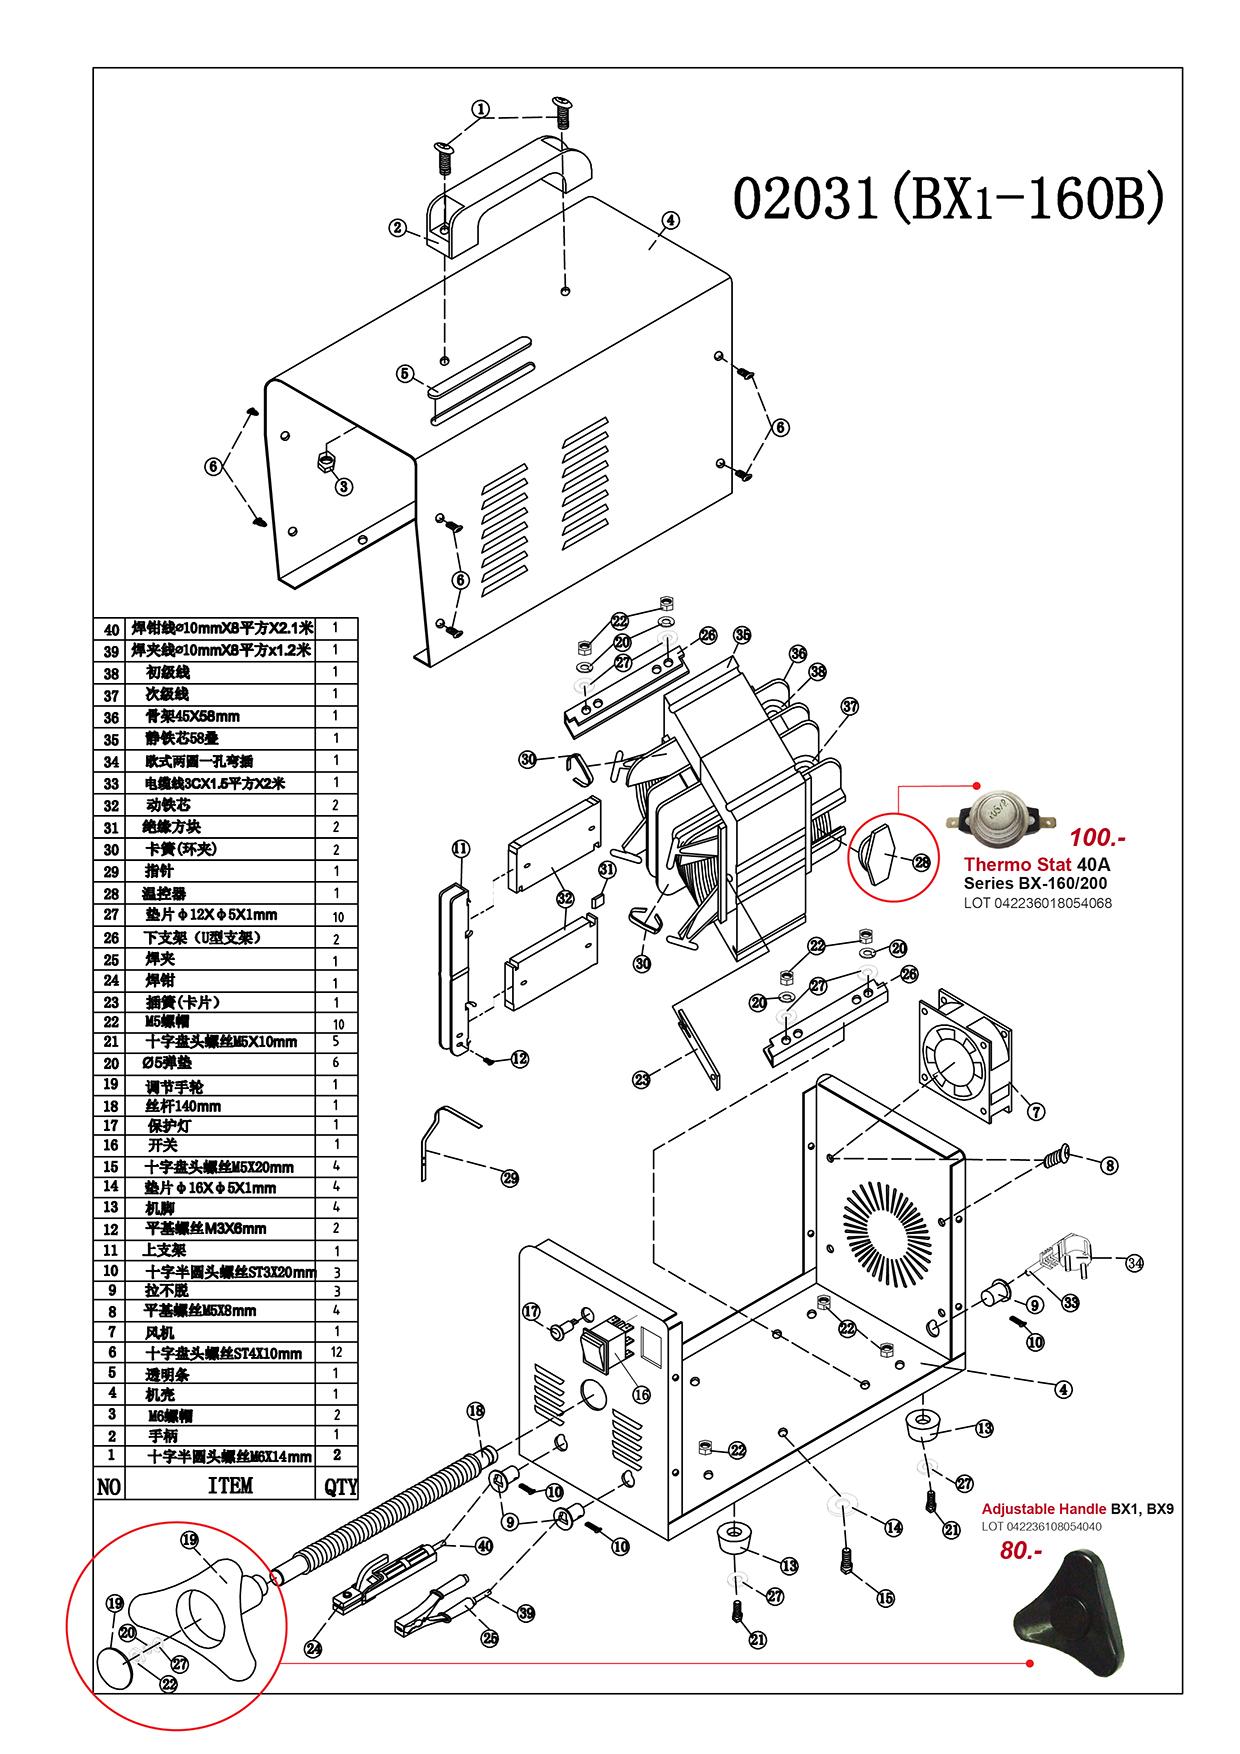 เครื่องเชื่อมไฟฟ้า - Welding Machine BX6 Series